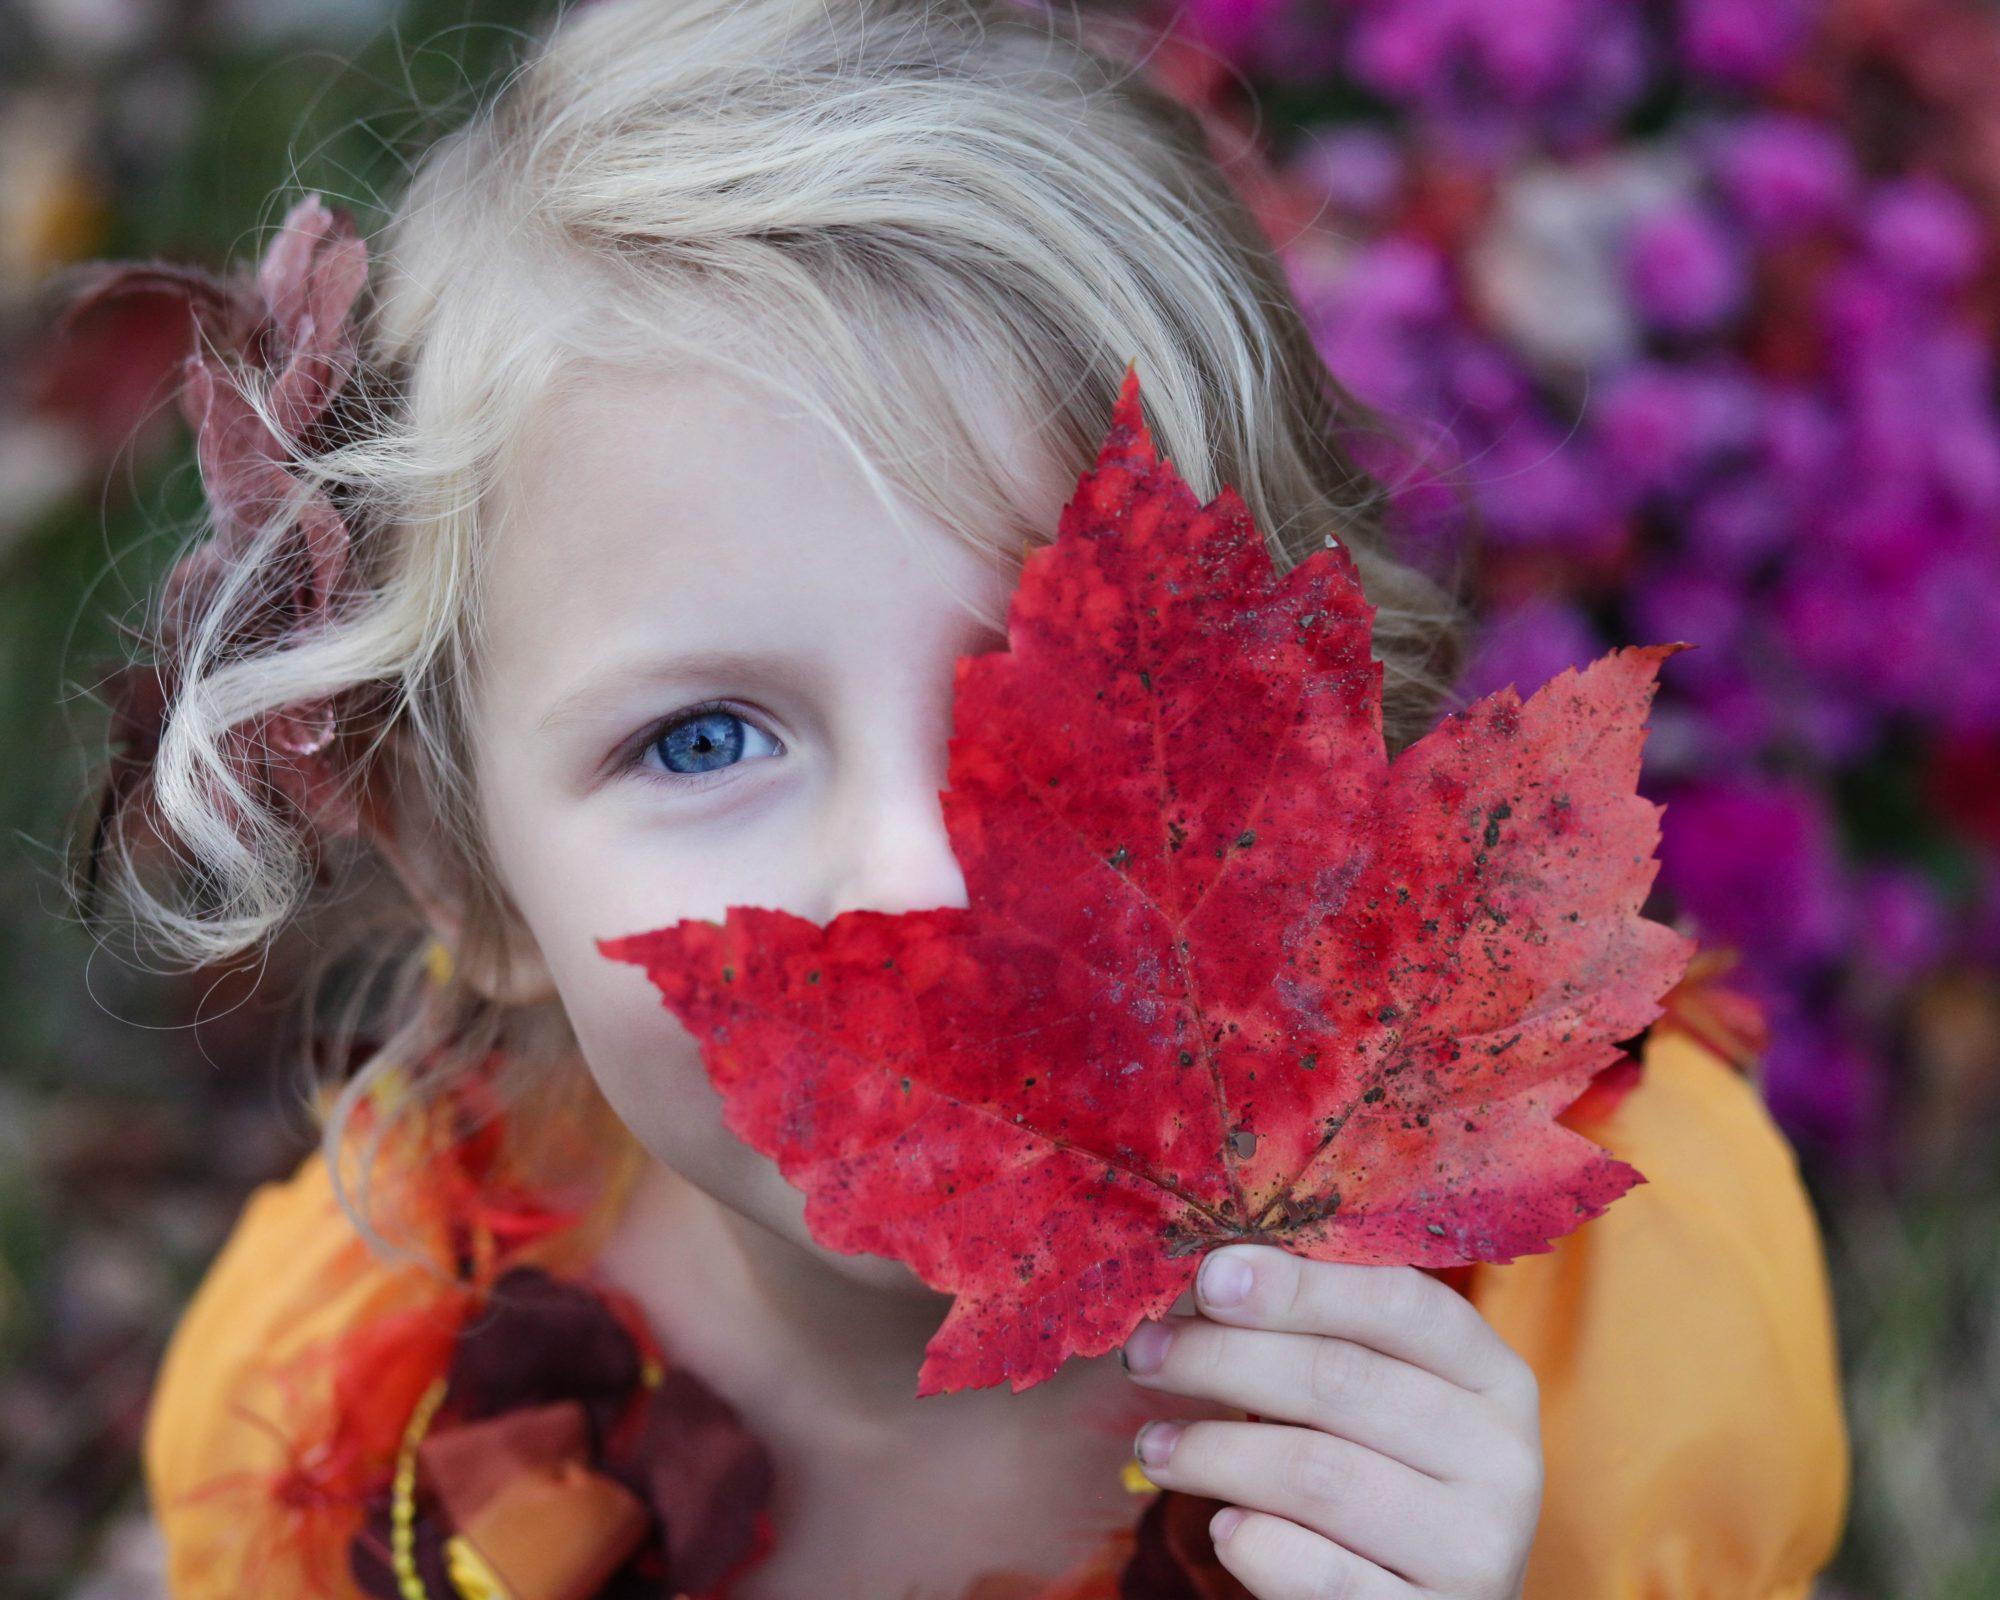 Осенняя депрессия у ребенка. Погода ничего не решает